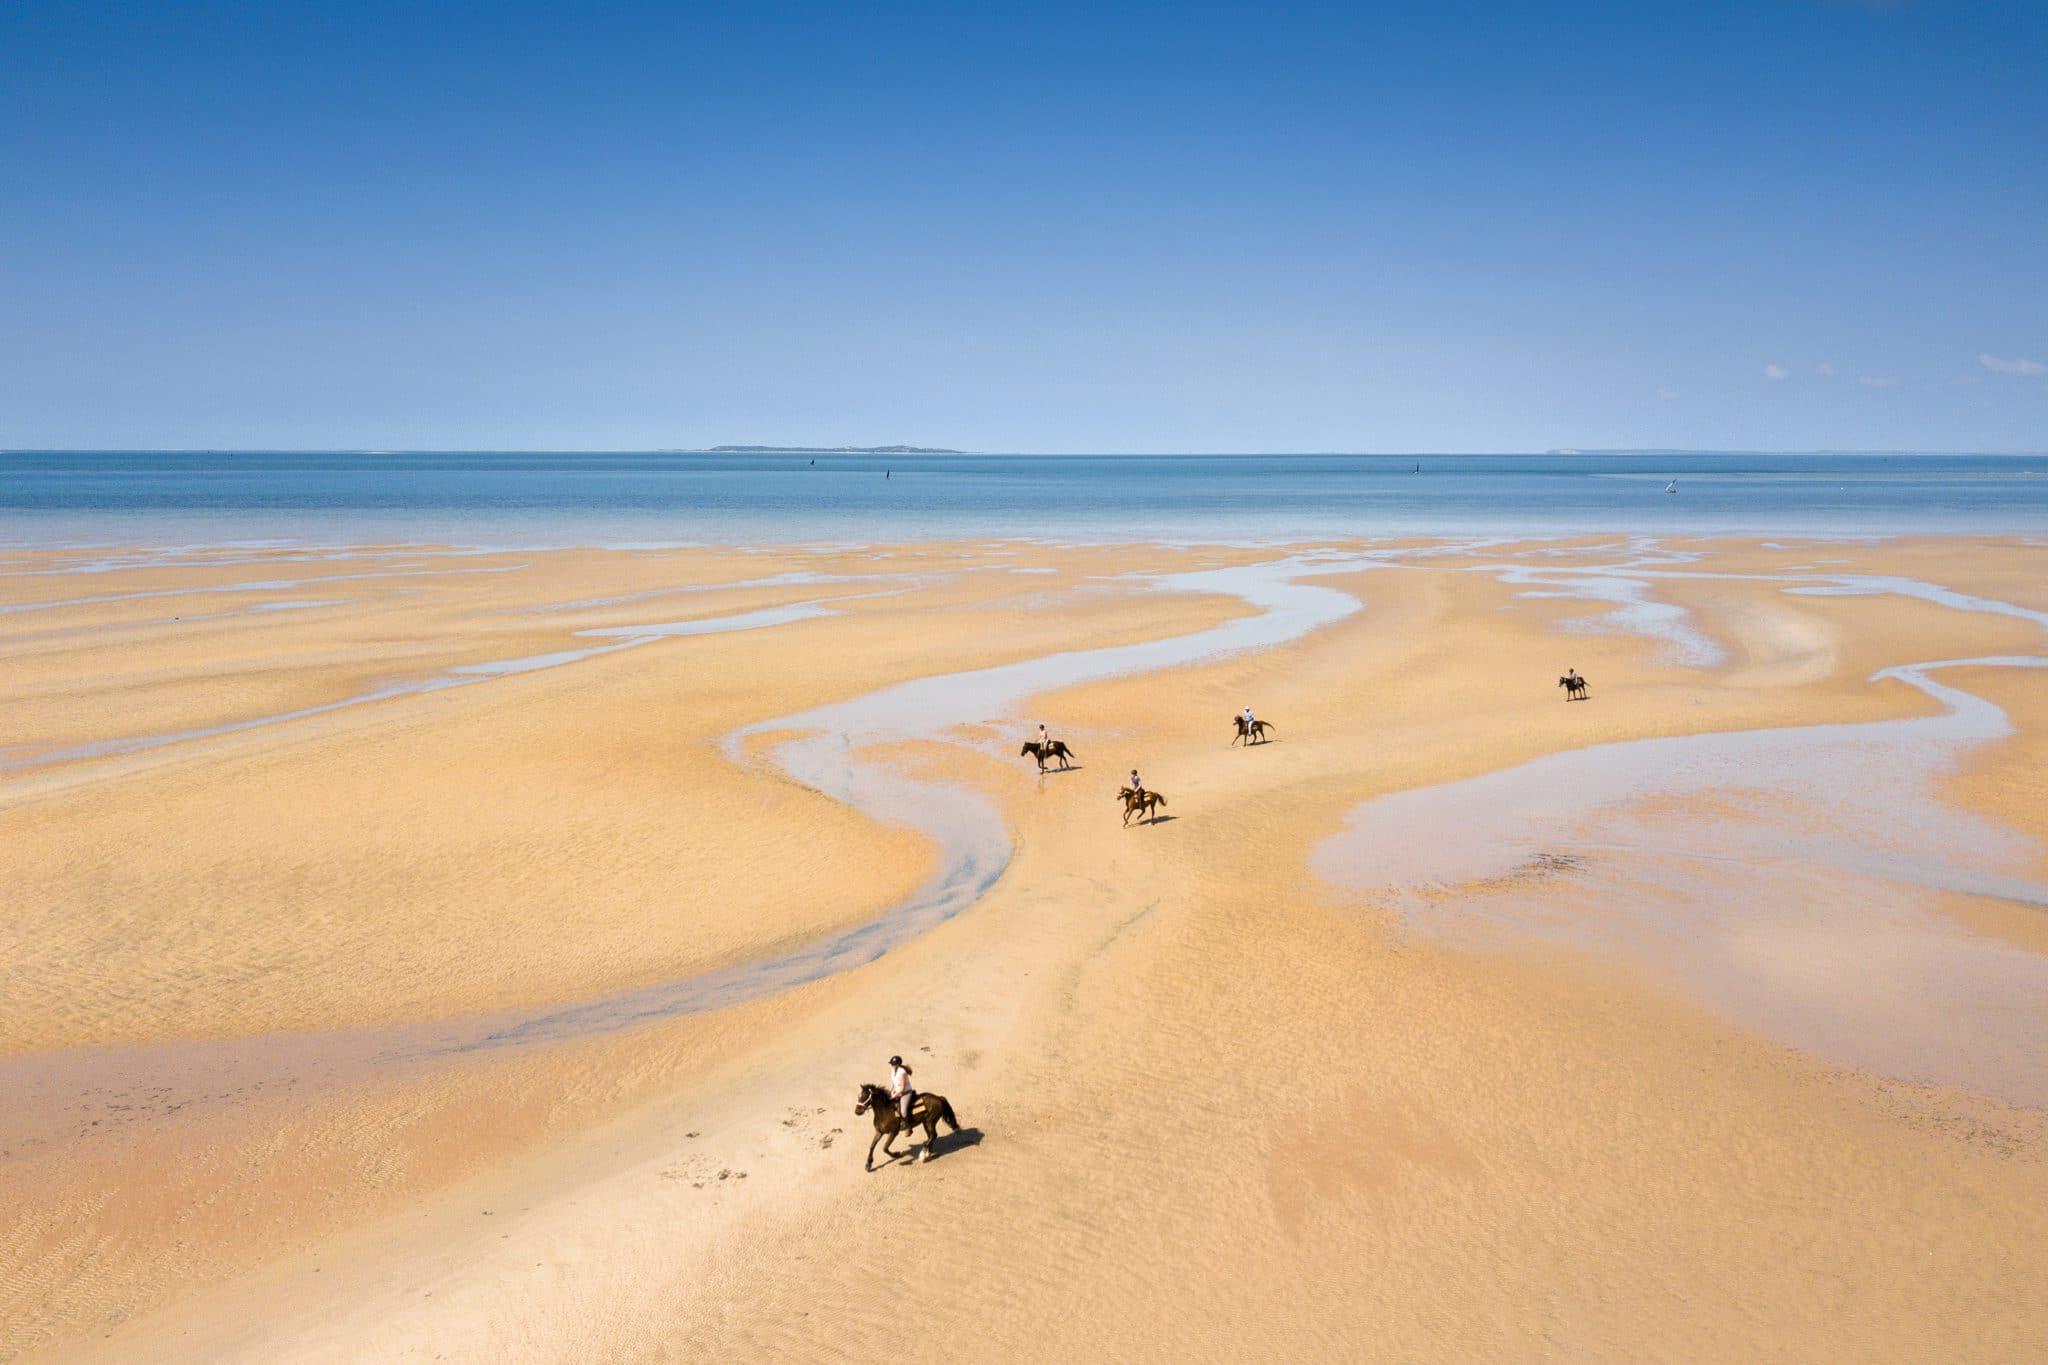 Paardrijden op het strand in Mozambique